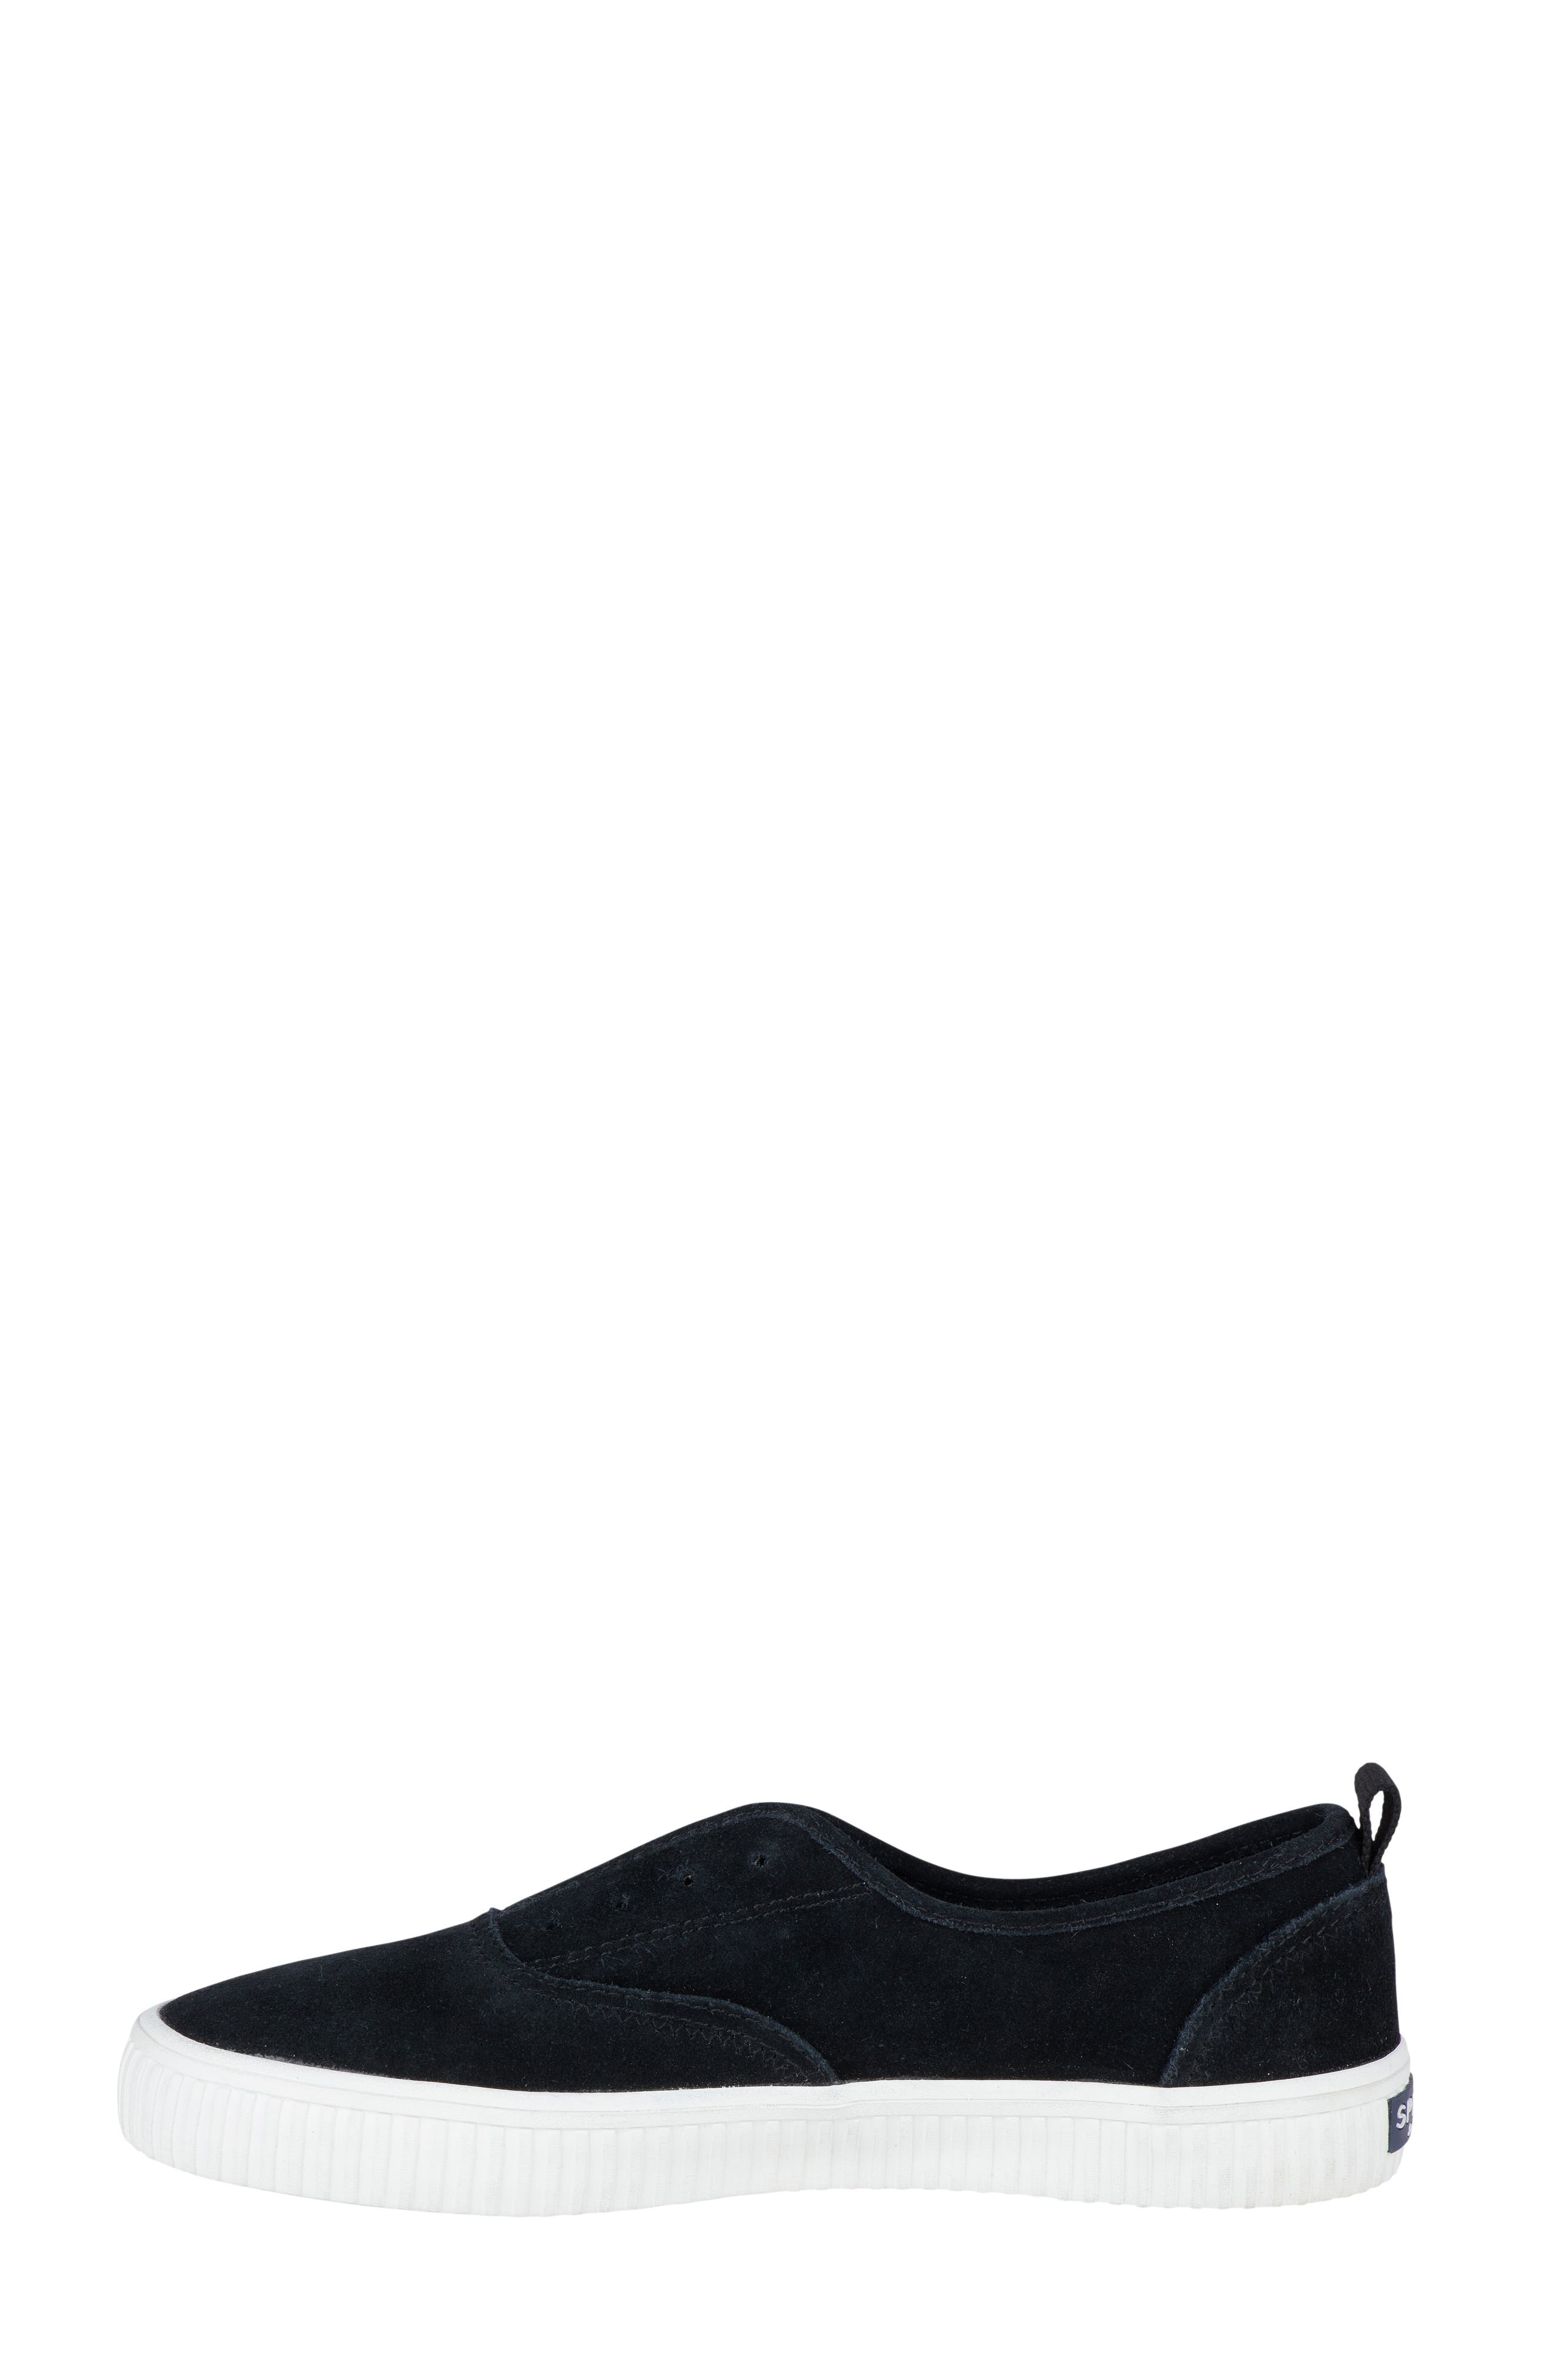 Crest Creeper Slip-On Sneaker,                             Alternate thumbnail 3, color,                             001